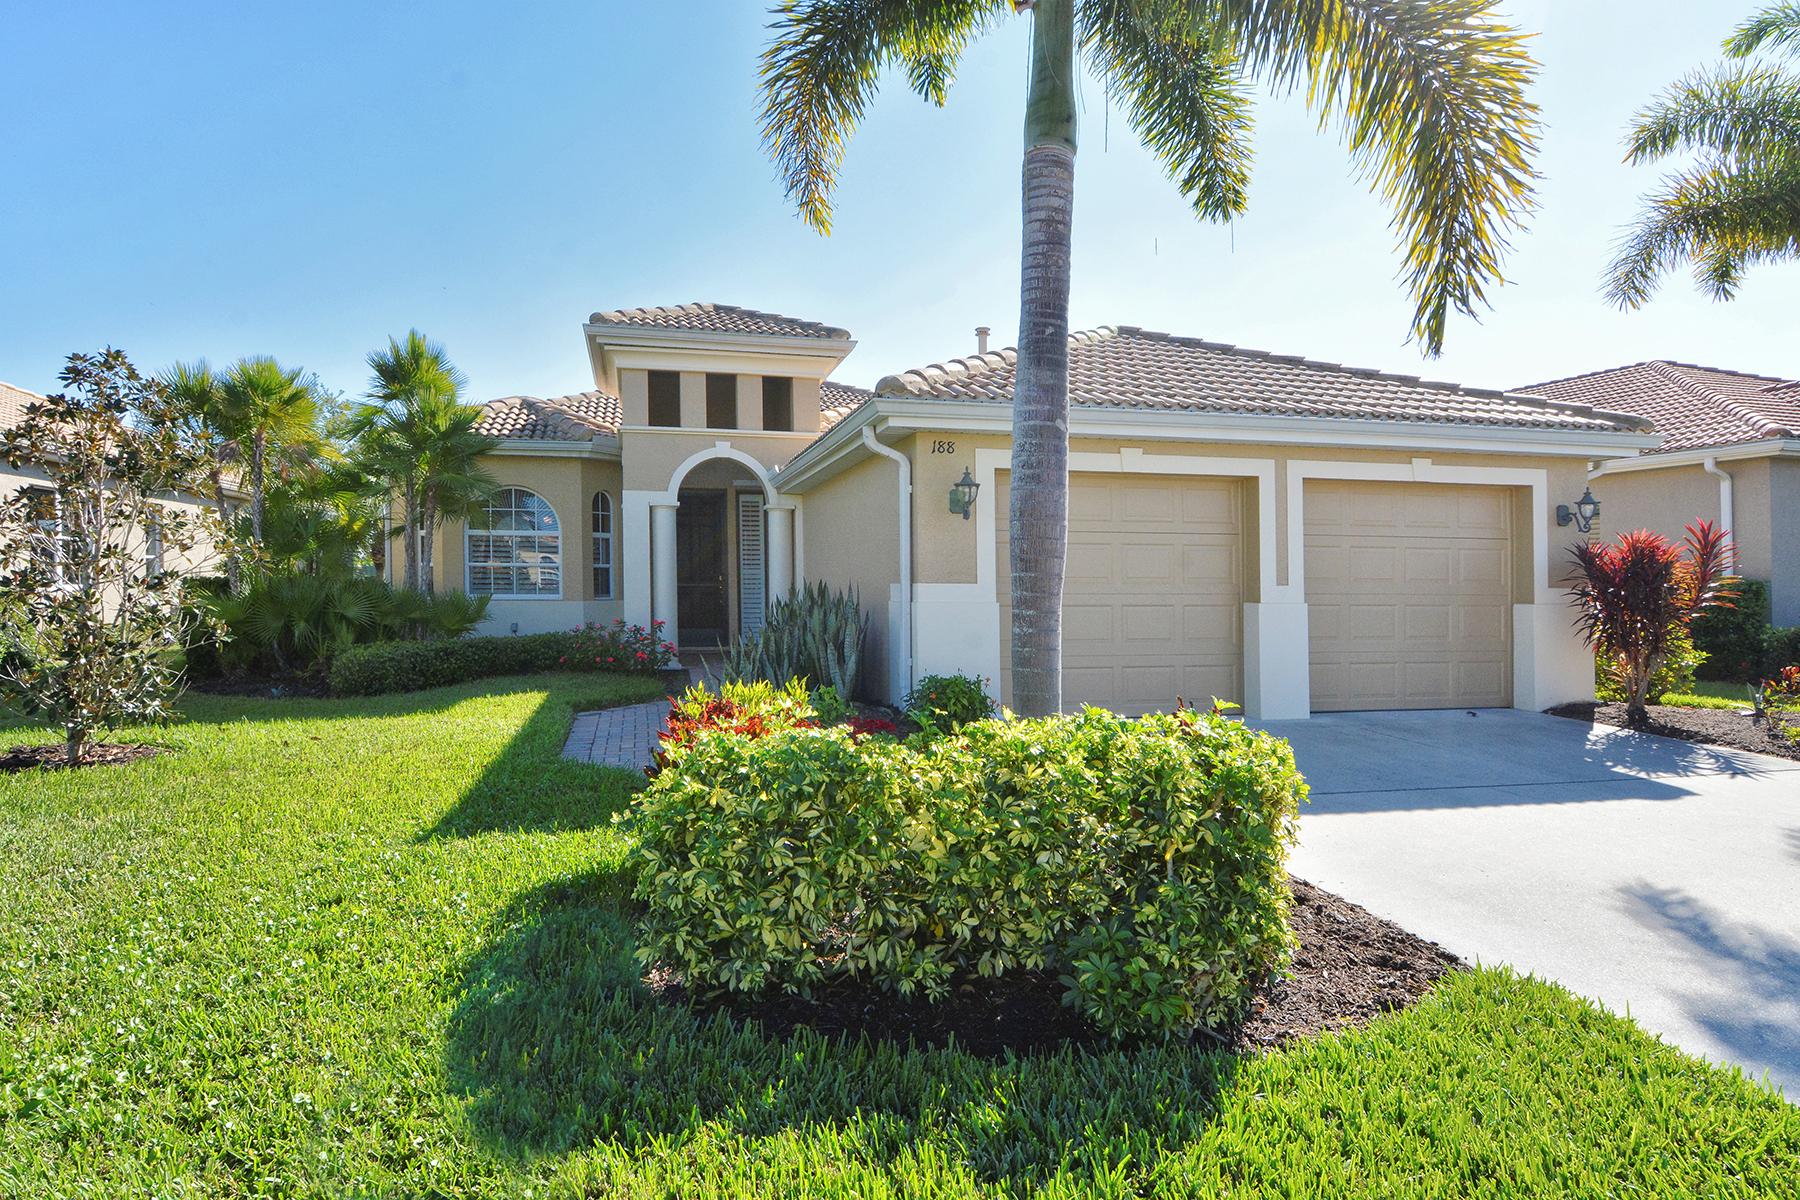 Nhà ở một gia đình vì Bán tại VENETIAN GOLF & RIVER CLUB 188 Savona Way North Venice, Florida, 34275 Hoa Kỳ